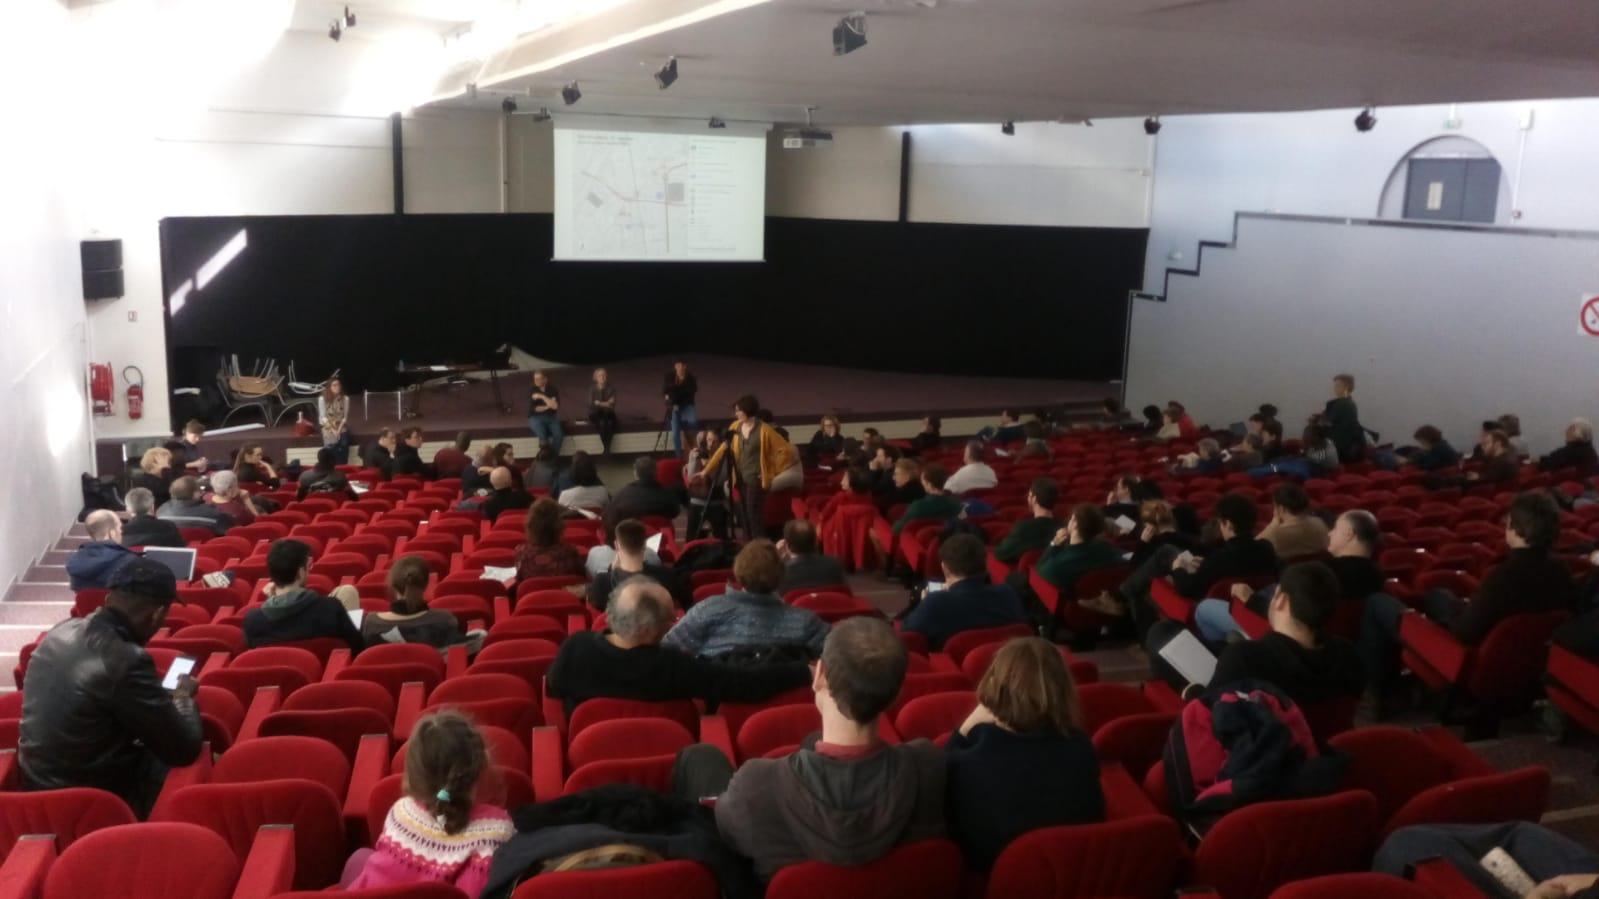 Le débat public sur les JOP 2024 a été un succès, 10 mars 2019, bourse du travail de Saint-Denis, © Marianna Kontos